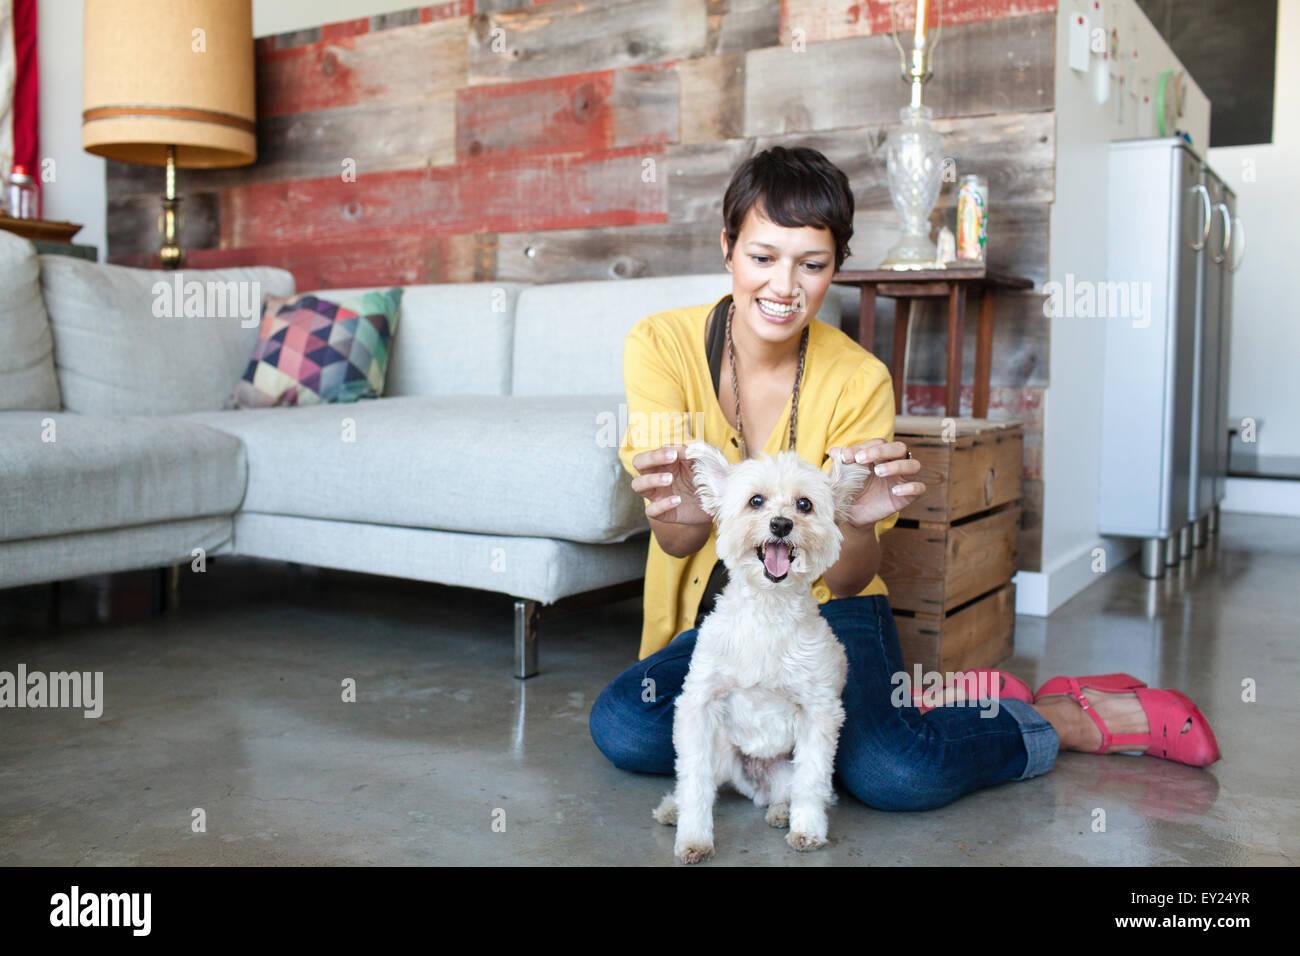 Junge Frau mit Hunde-Ohren im Wohnzimmer Stockbild